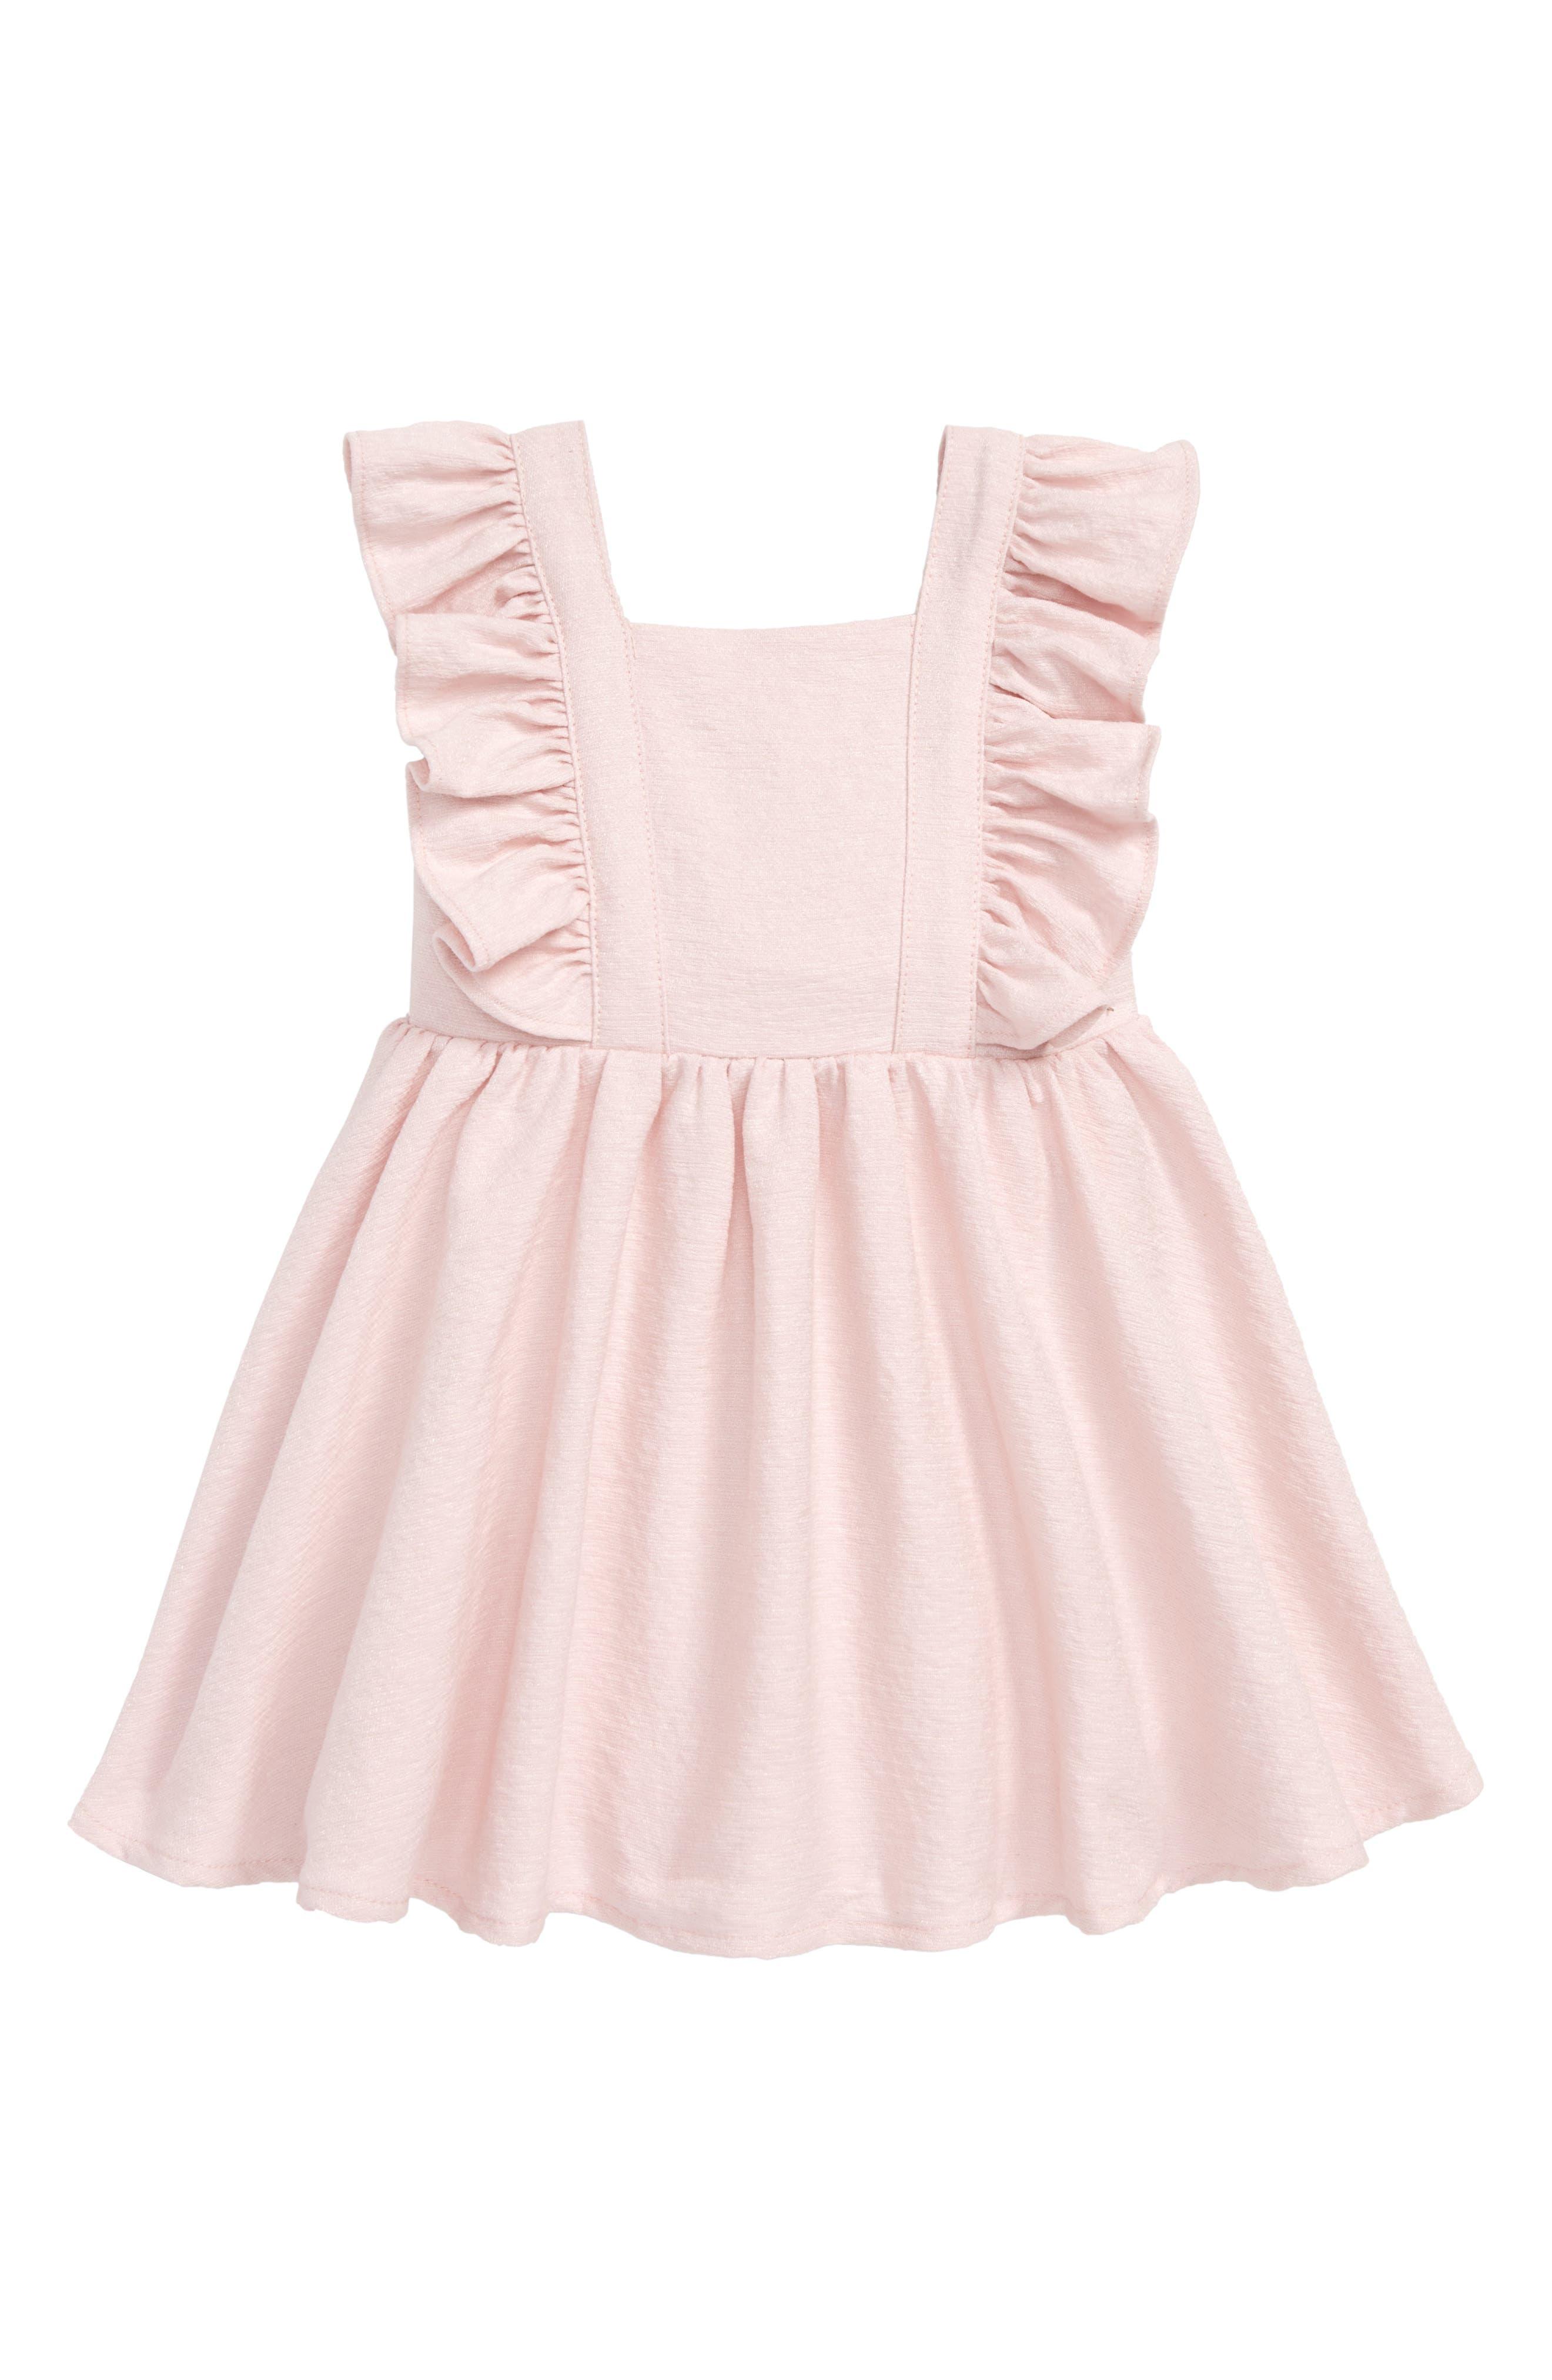 Estella Bow Party Dress,                             Main thumbnail 1, color,                             Potpourri